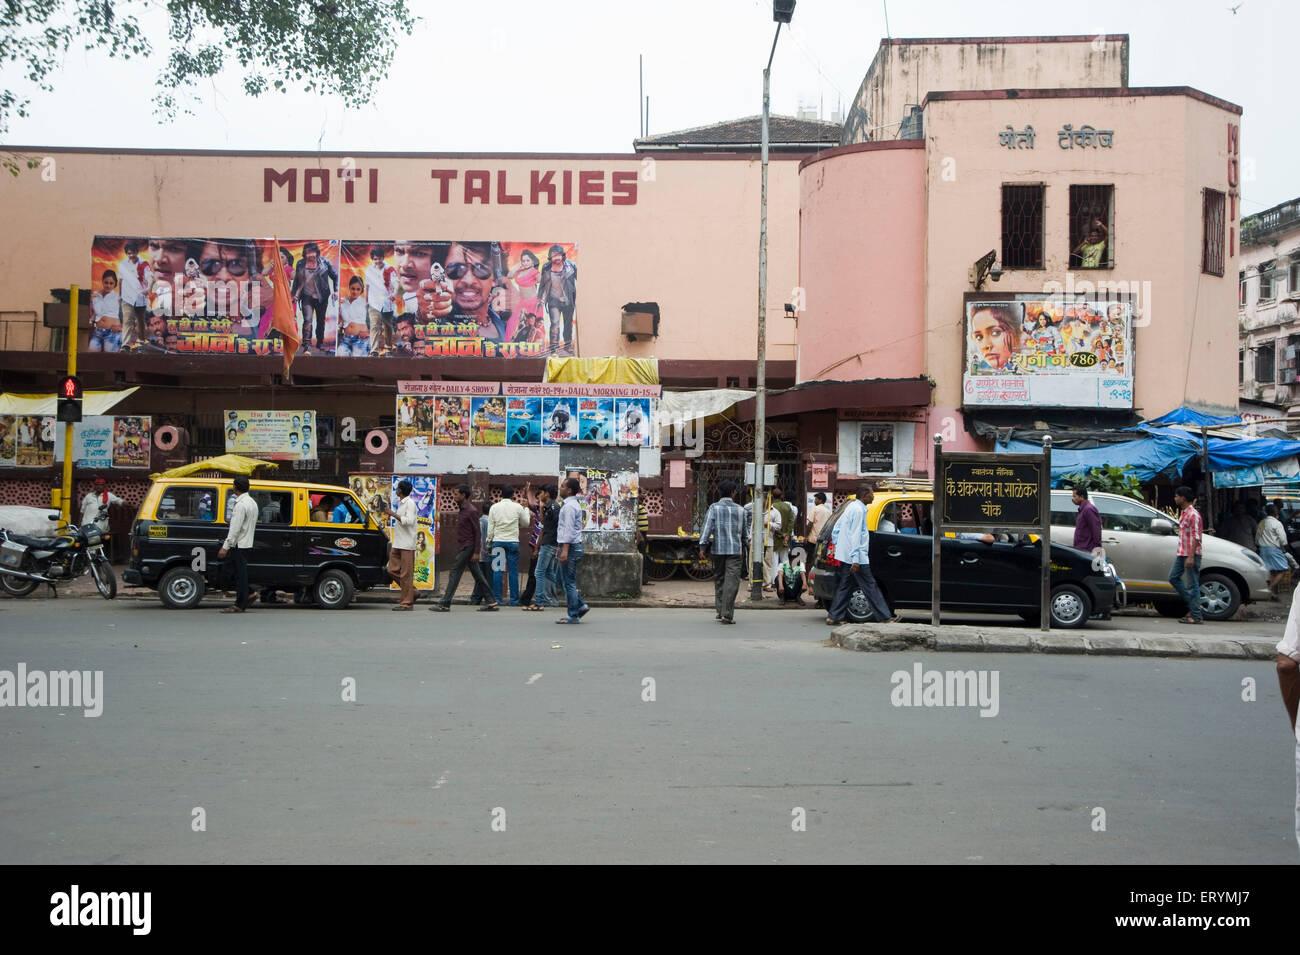 Bombay old Moti Talkies grant road  Mumbai Maharashtra India Asia - Stock Image